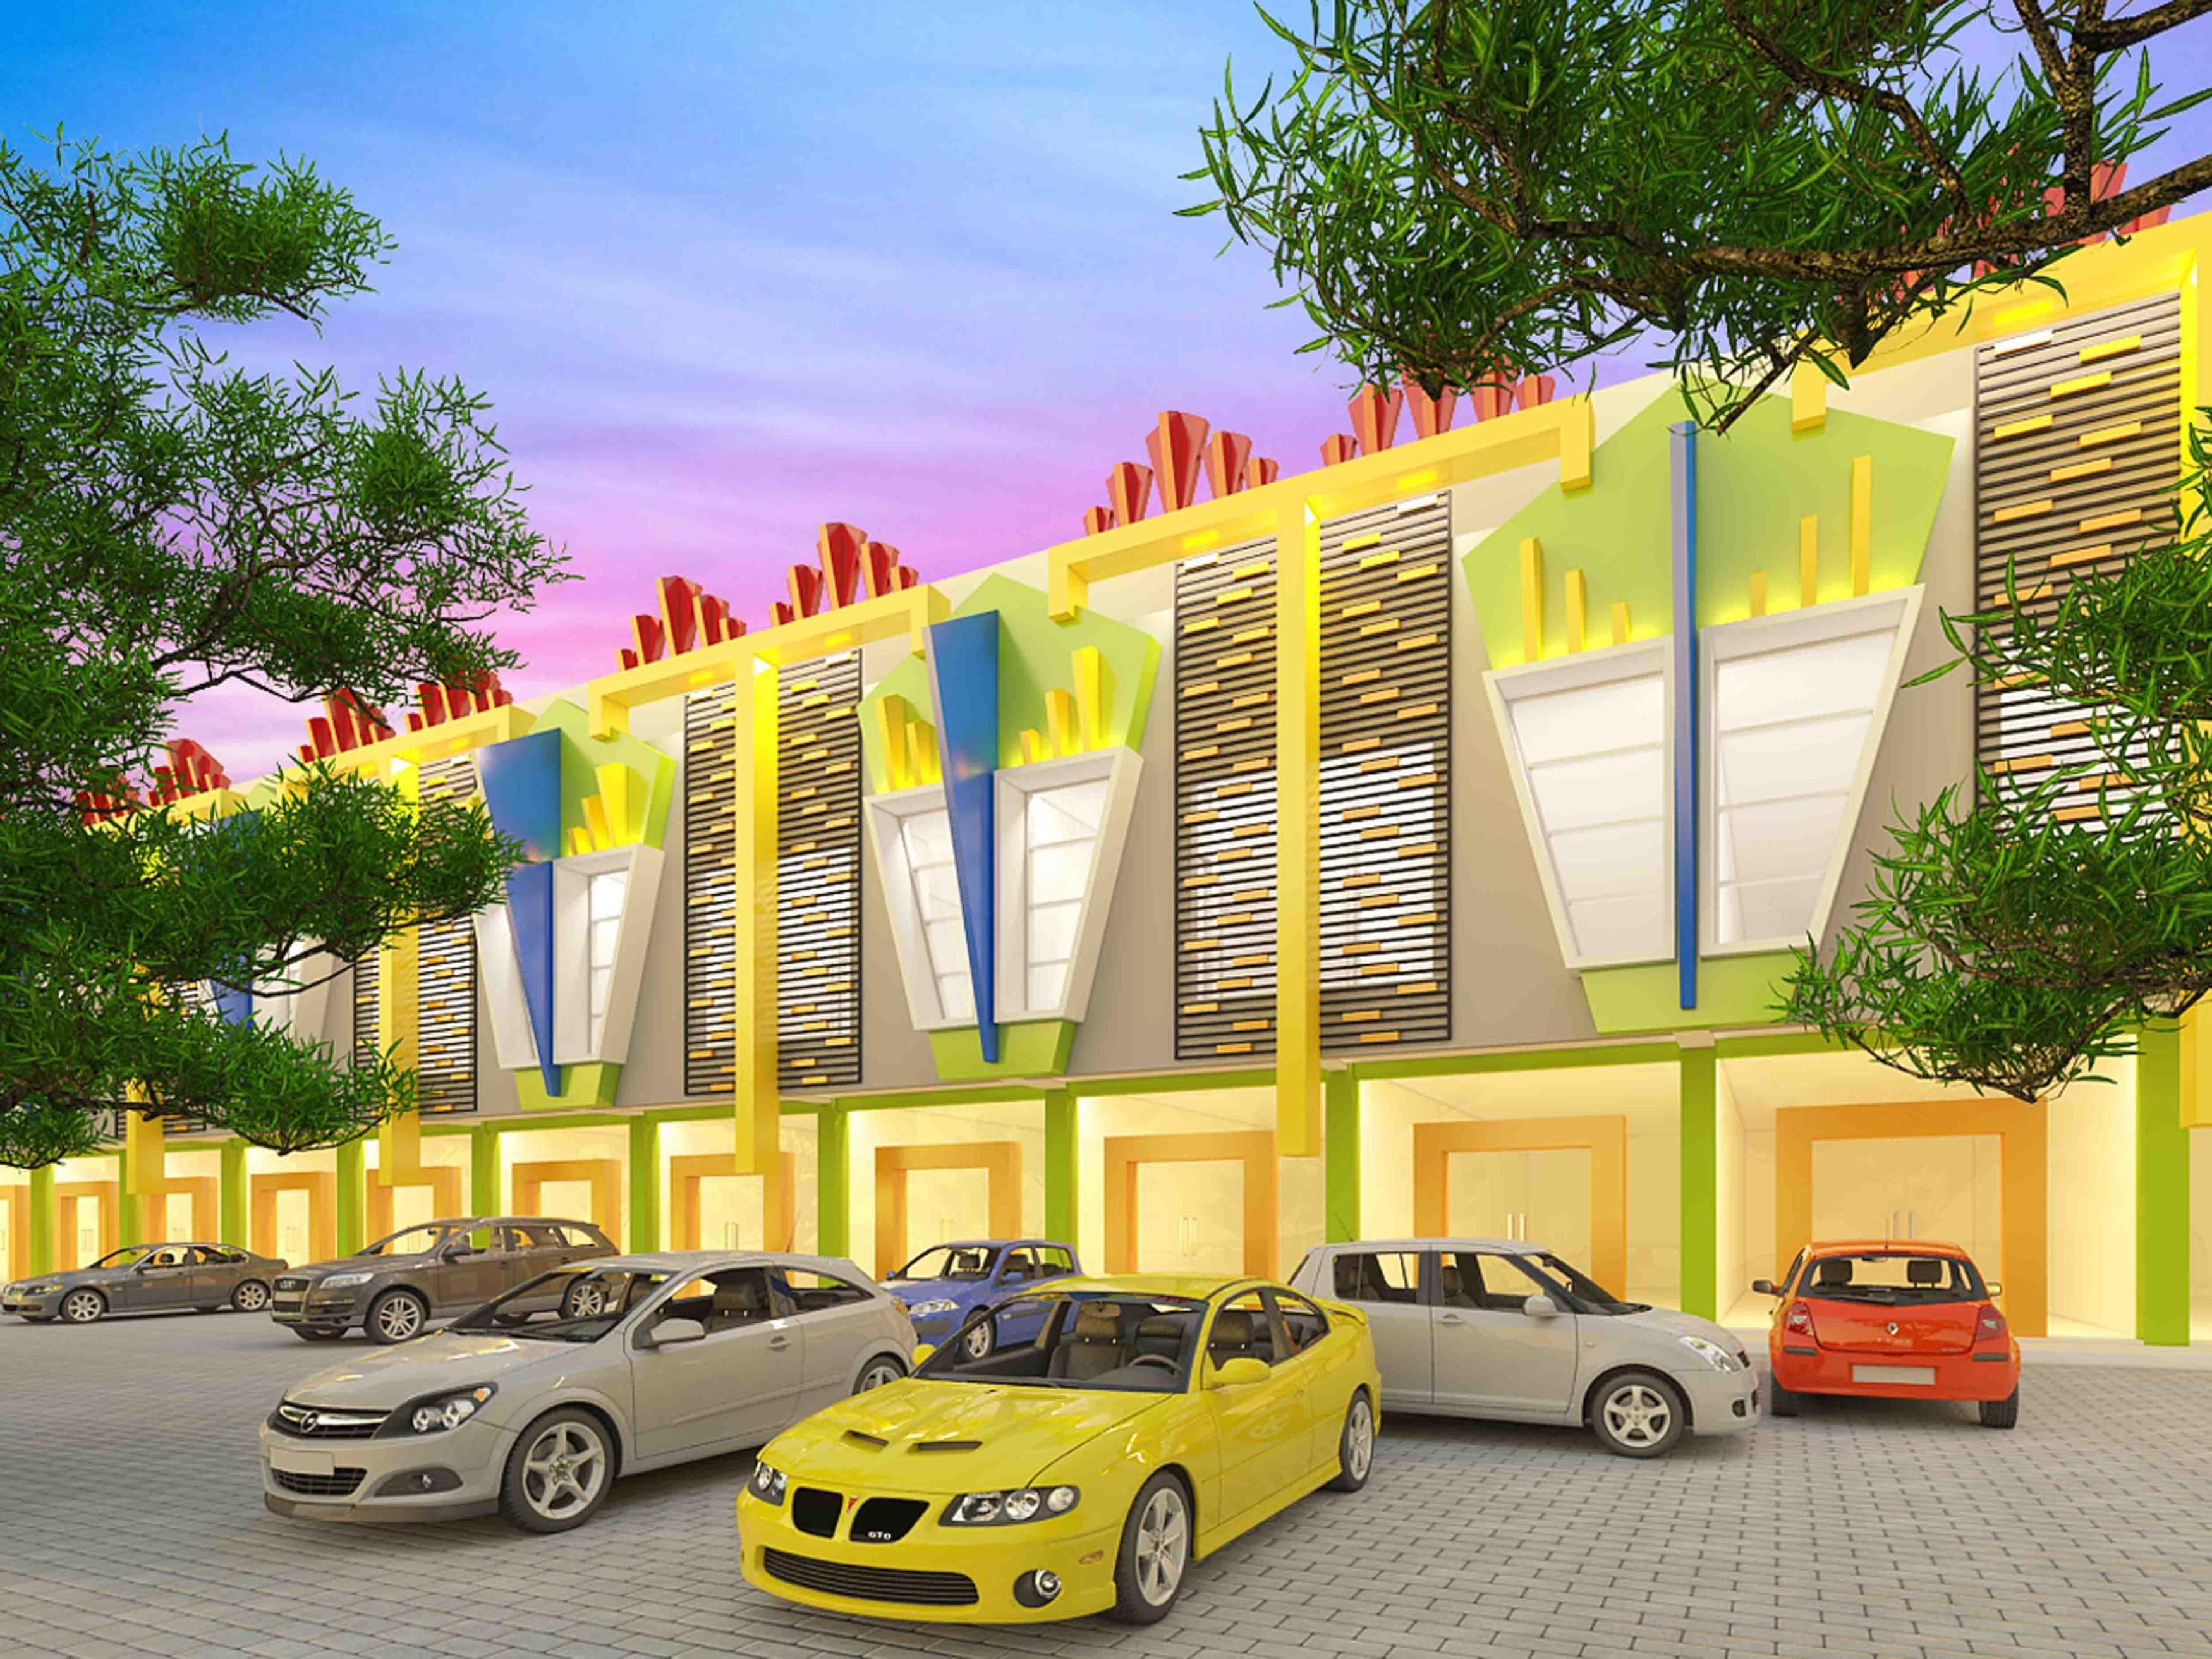 A2M Architect Indo Hera Permata Residence Balikpapan Kota Balikpapan, Kalimantan Timur, Indonesia Kota Balikpapan, Kalimantan Timur, Indonesia Facade View   43669